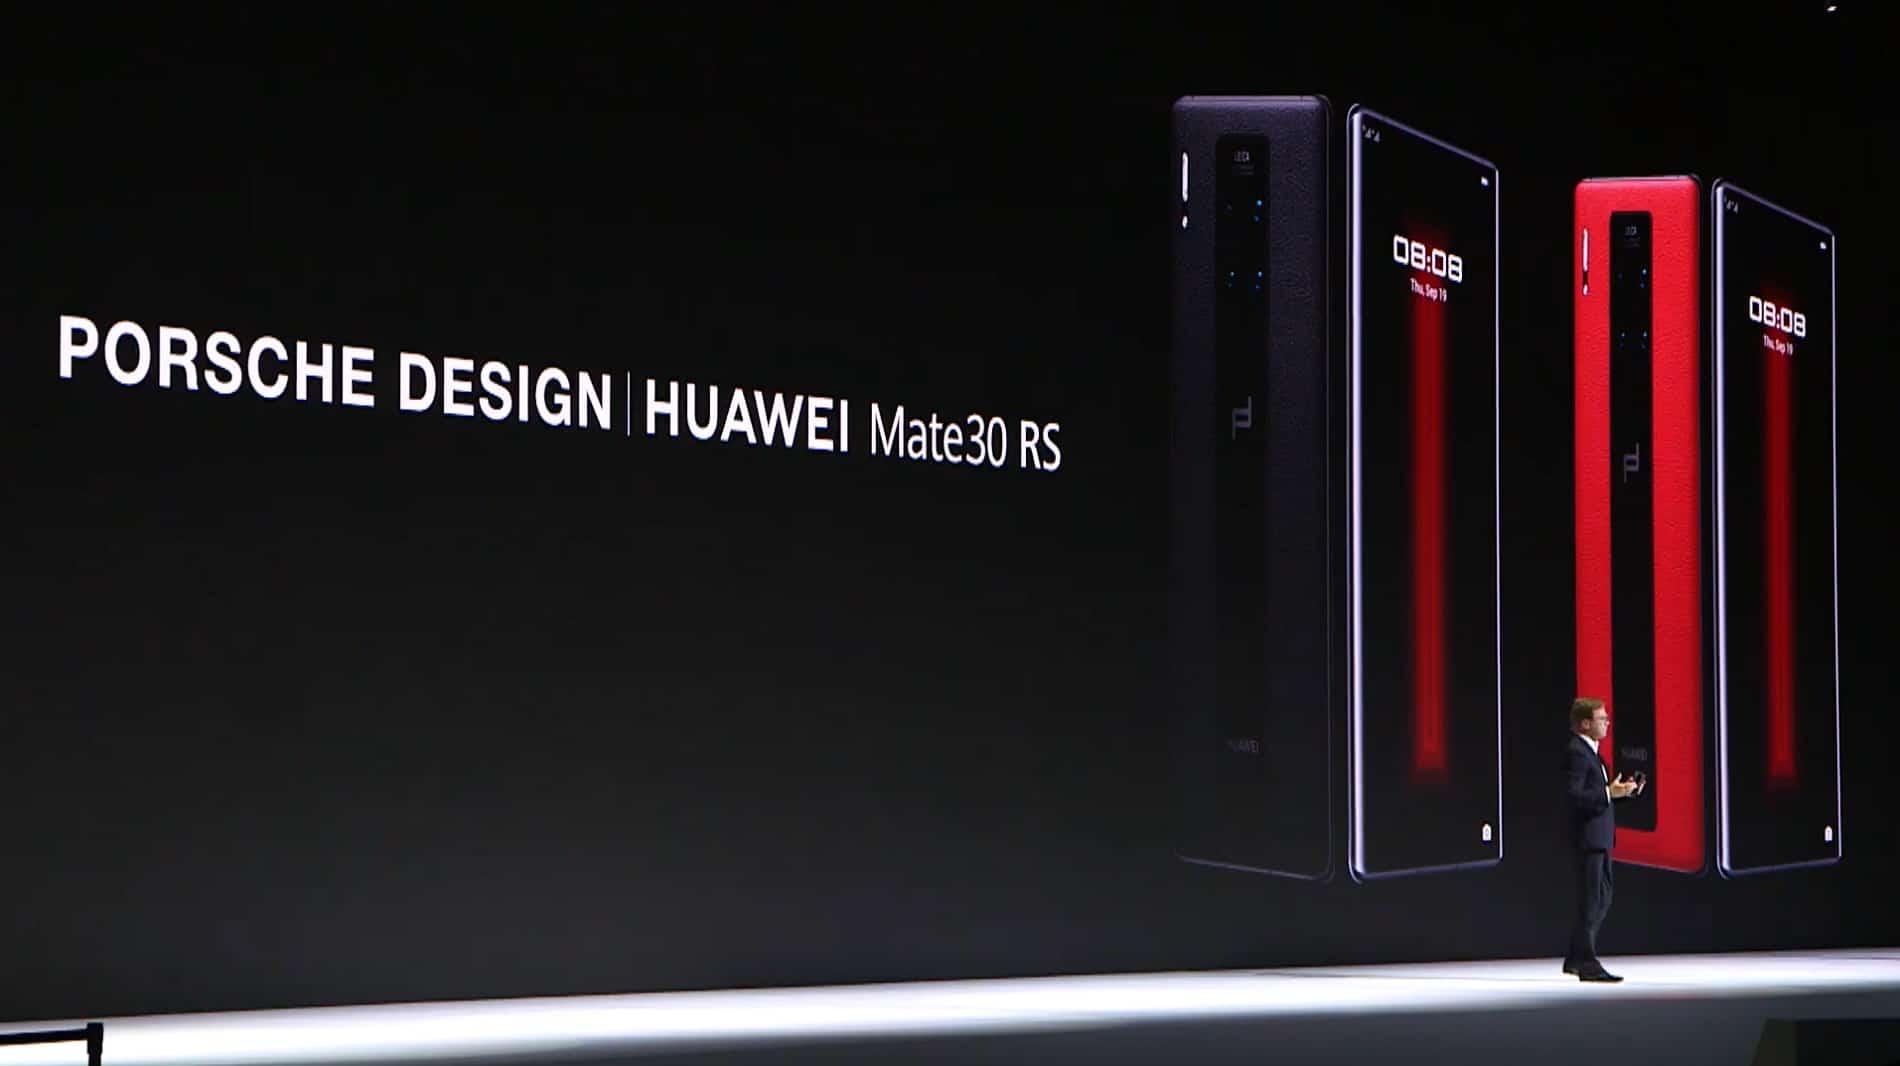 Huawei Mate 30 Event Porsche Design 01